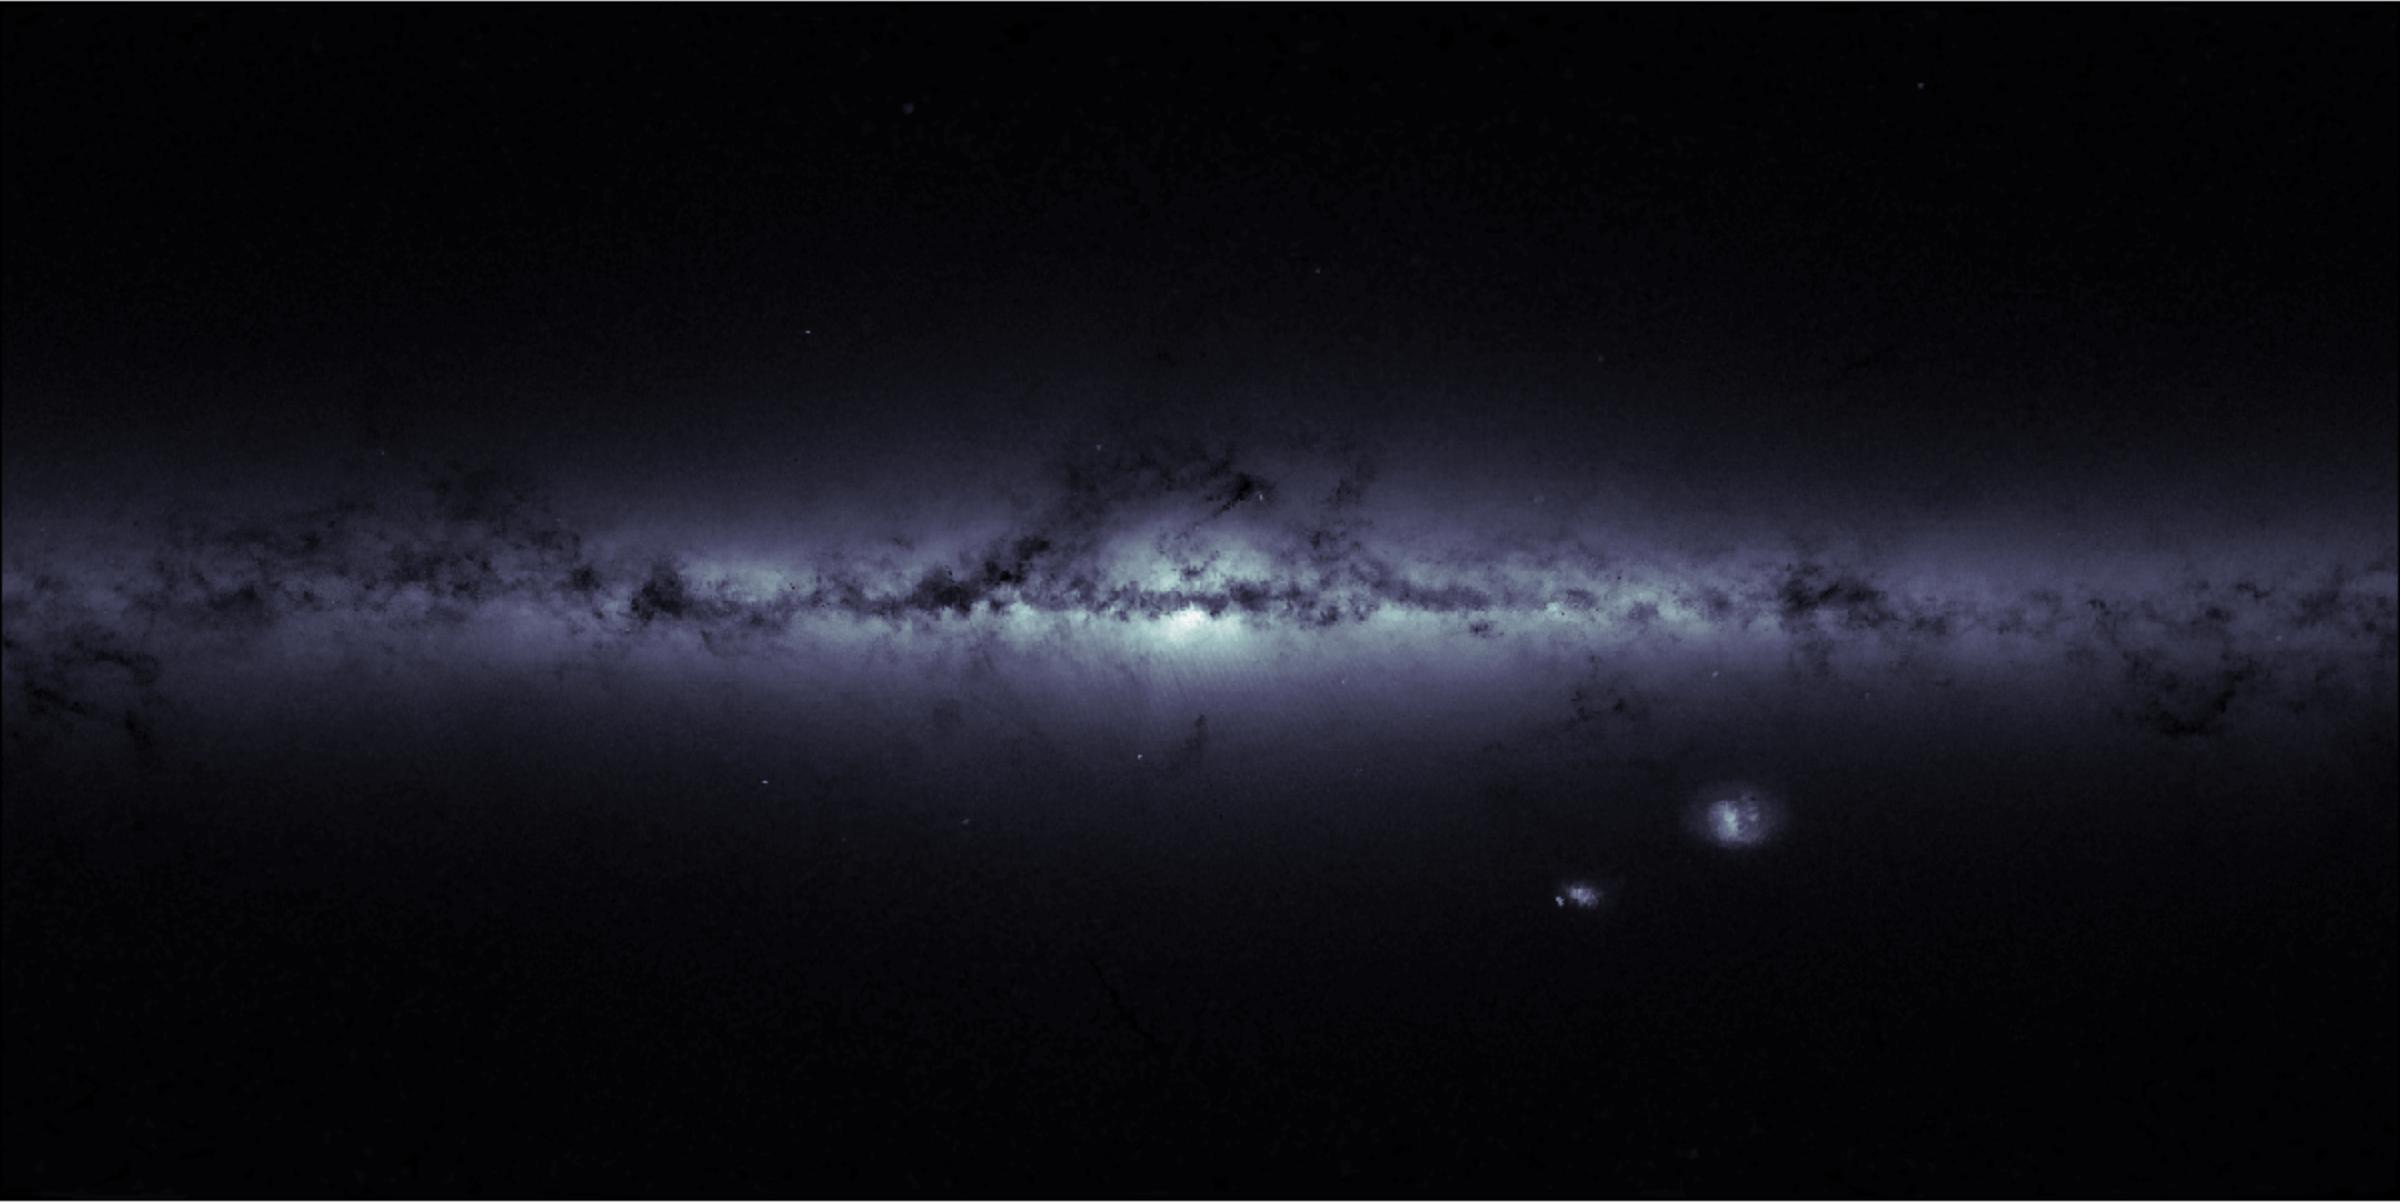 Слика 3. Нашата галаксија, Млечниот пат, погледната низ инструментите на Гаиа. Сликата е составена од помошните податоци користени за калибрација на првото издание. Посветлите региони имаат поголема густина на ѕвезди, додека во потемните места бројот на набљудуваните ѕвезди е помал.